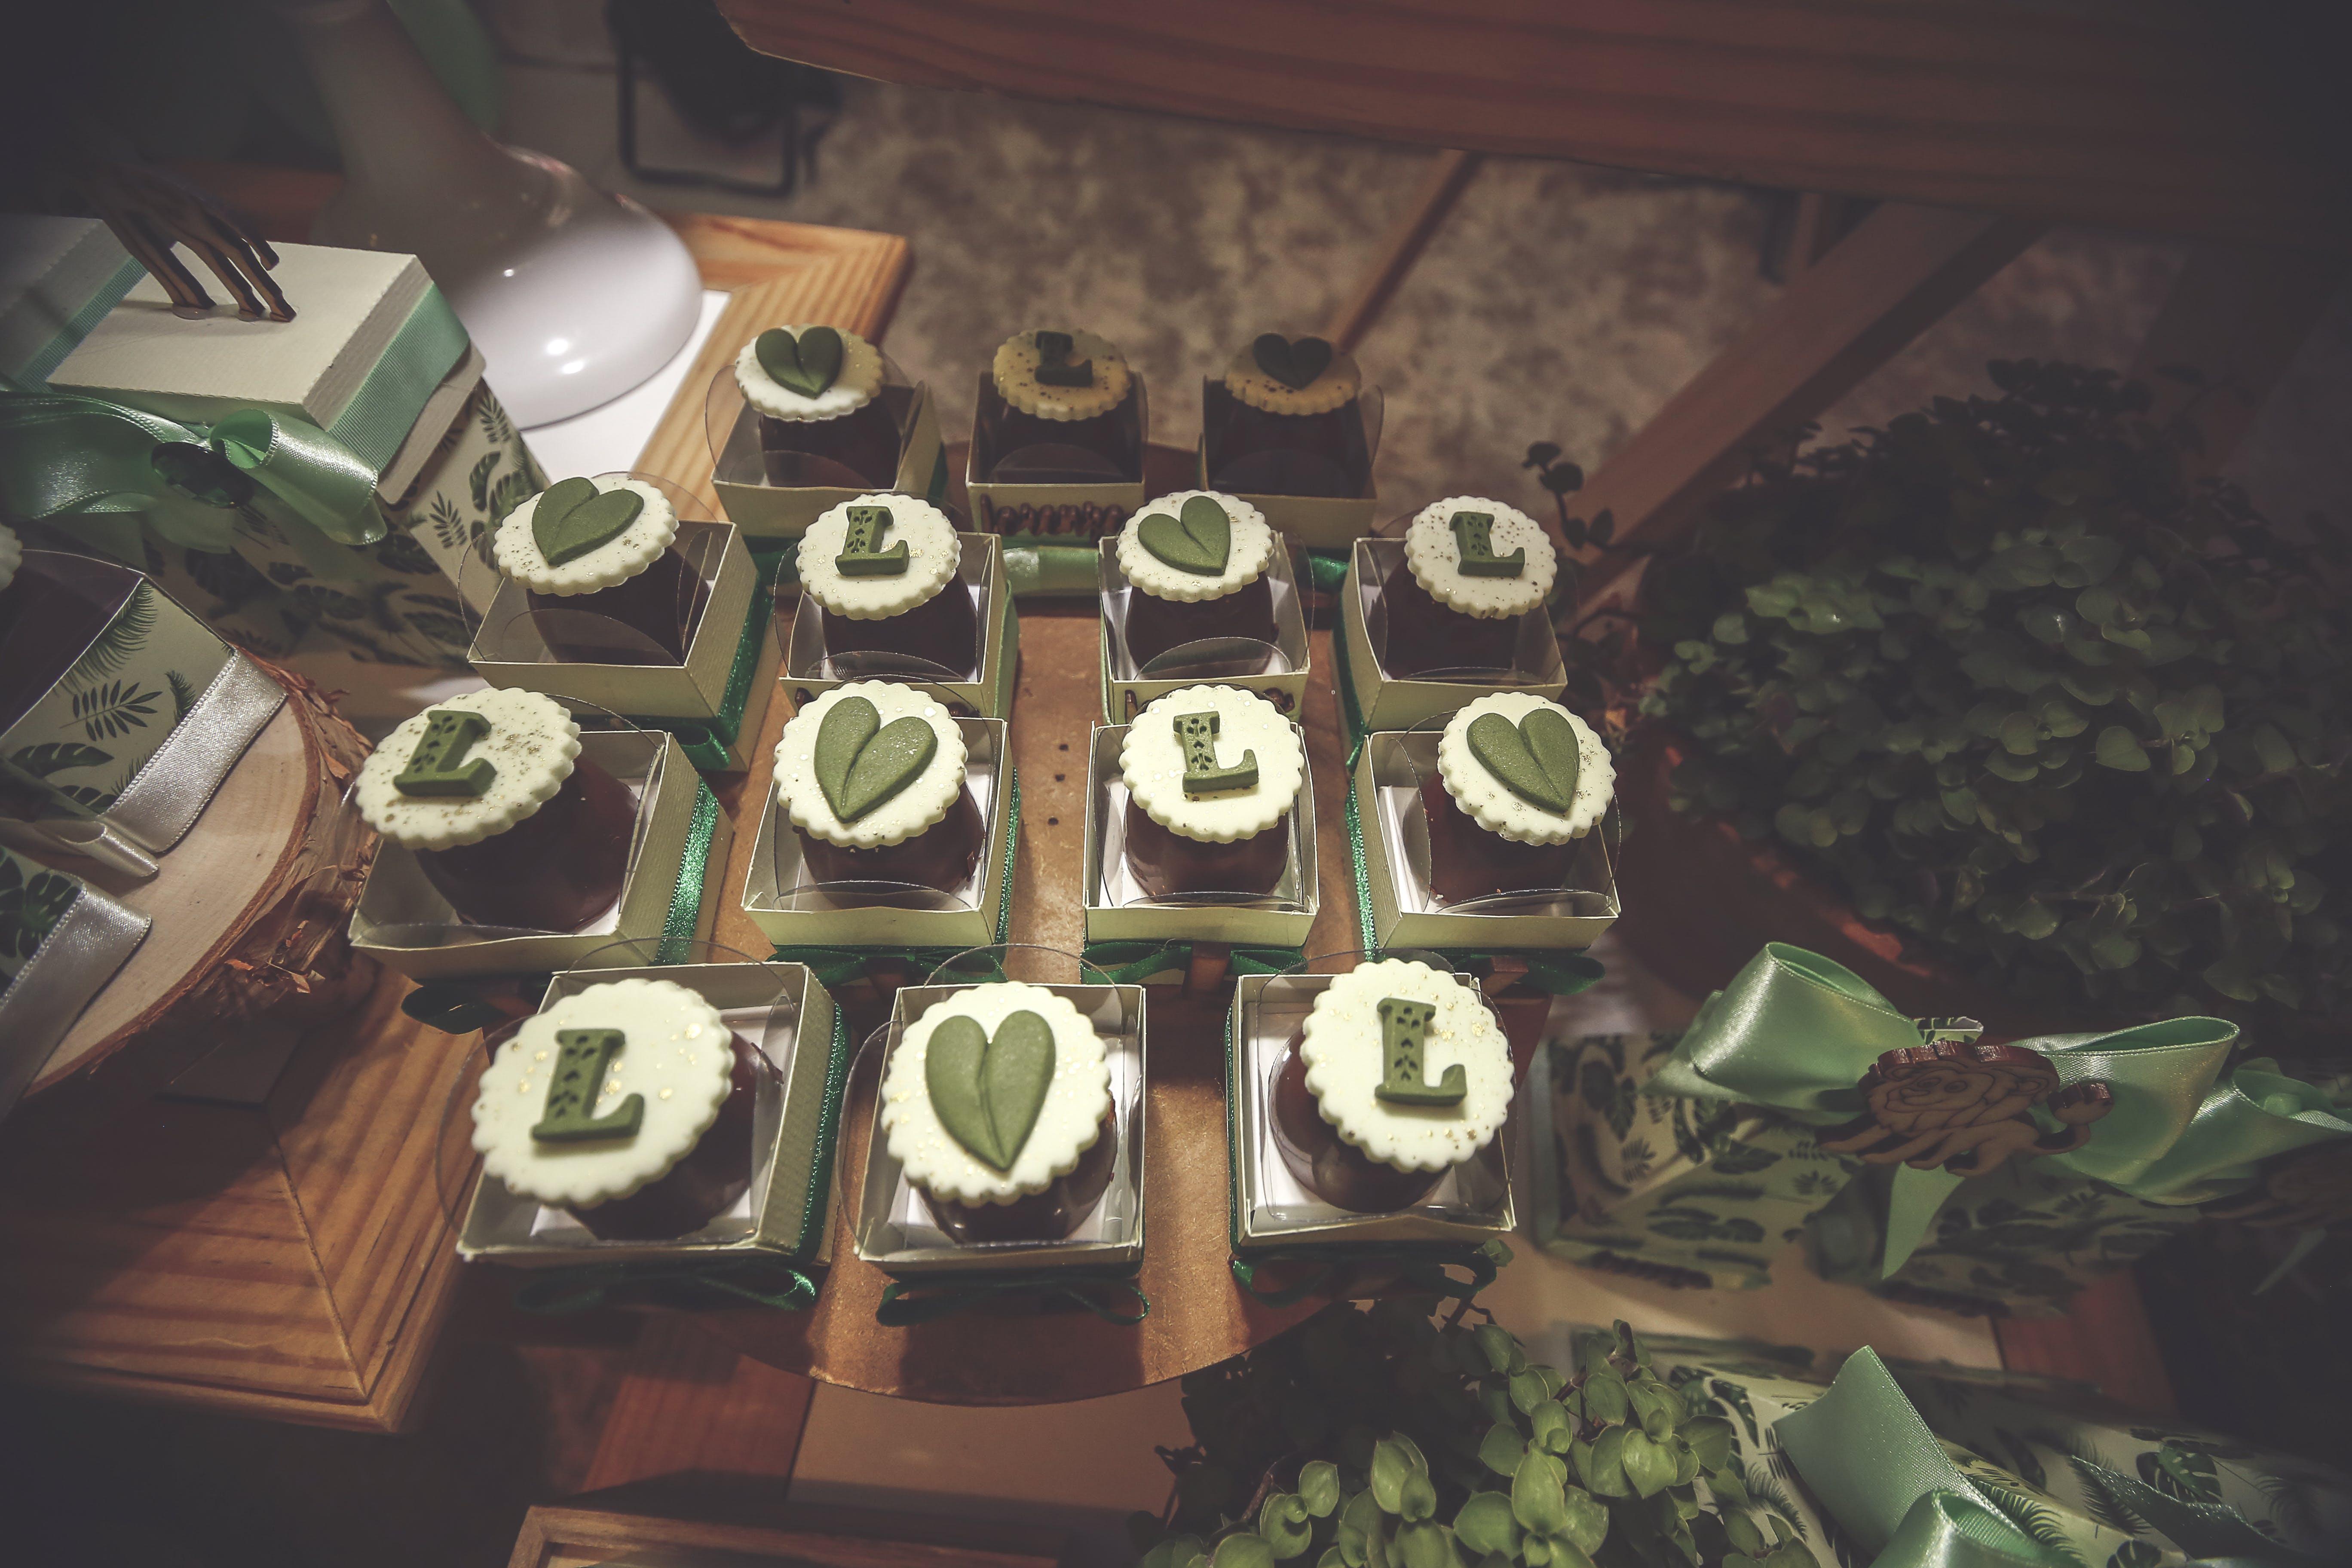 Δωρεάν στοκ φωτογραφιών με γλυκά, επιδόρπιο, ζυμάρι, τρόφιμα